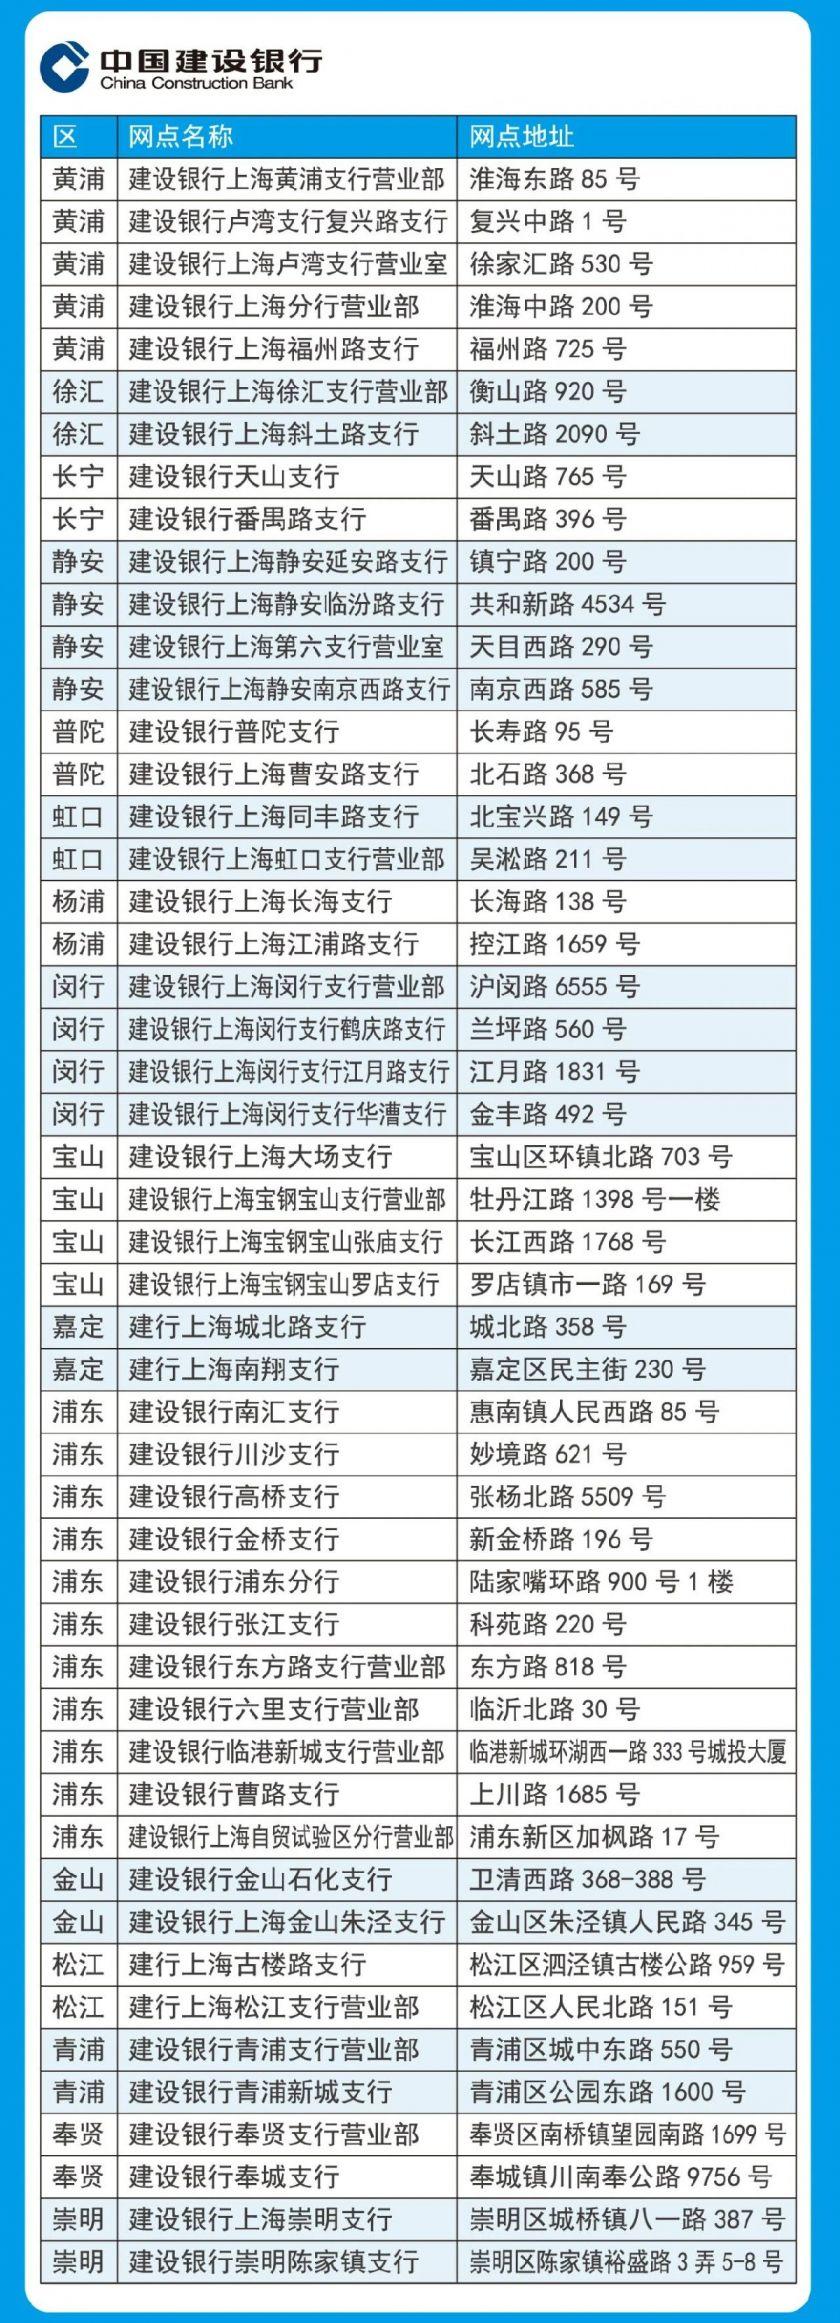 上海建设银行新社保卡更换网点一览